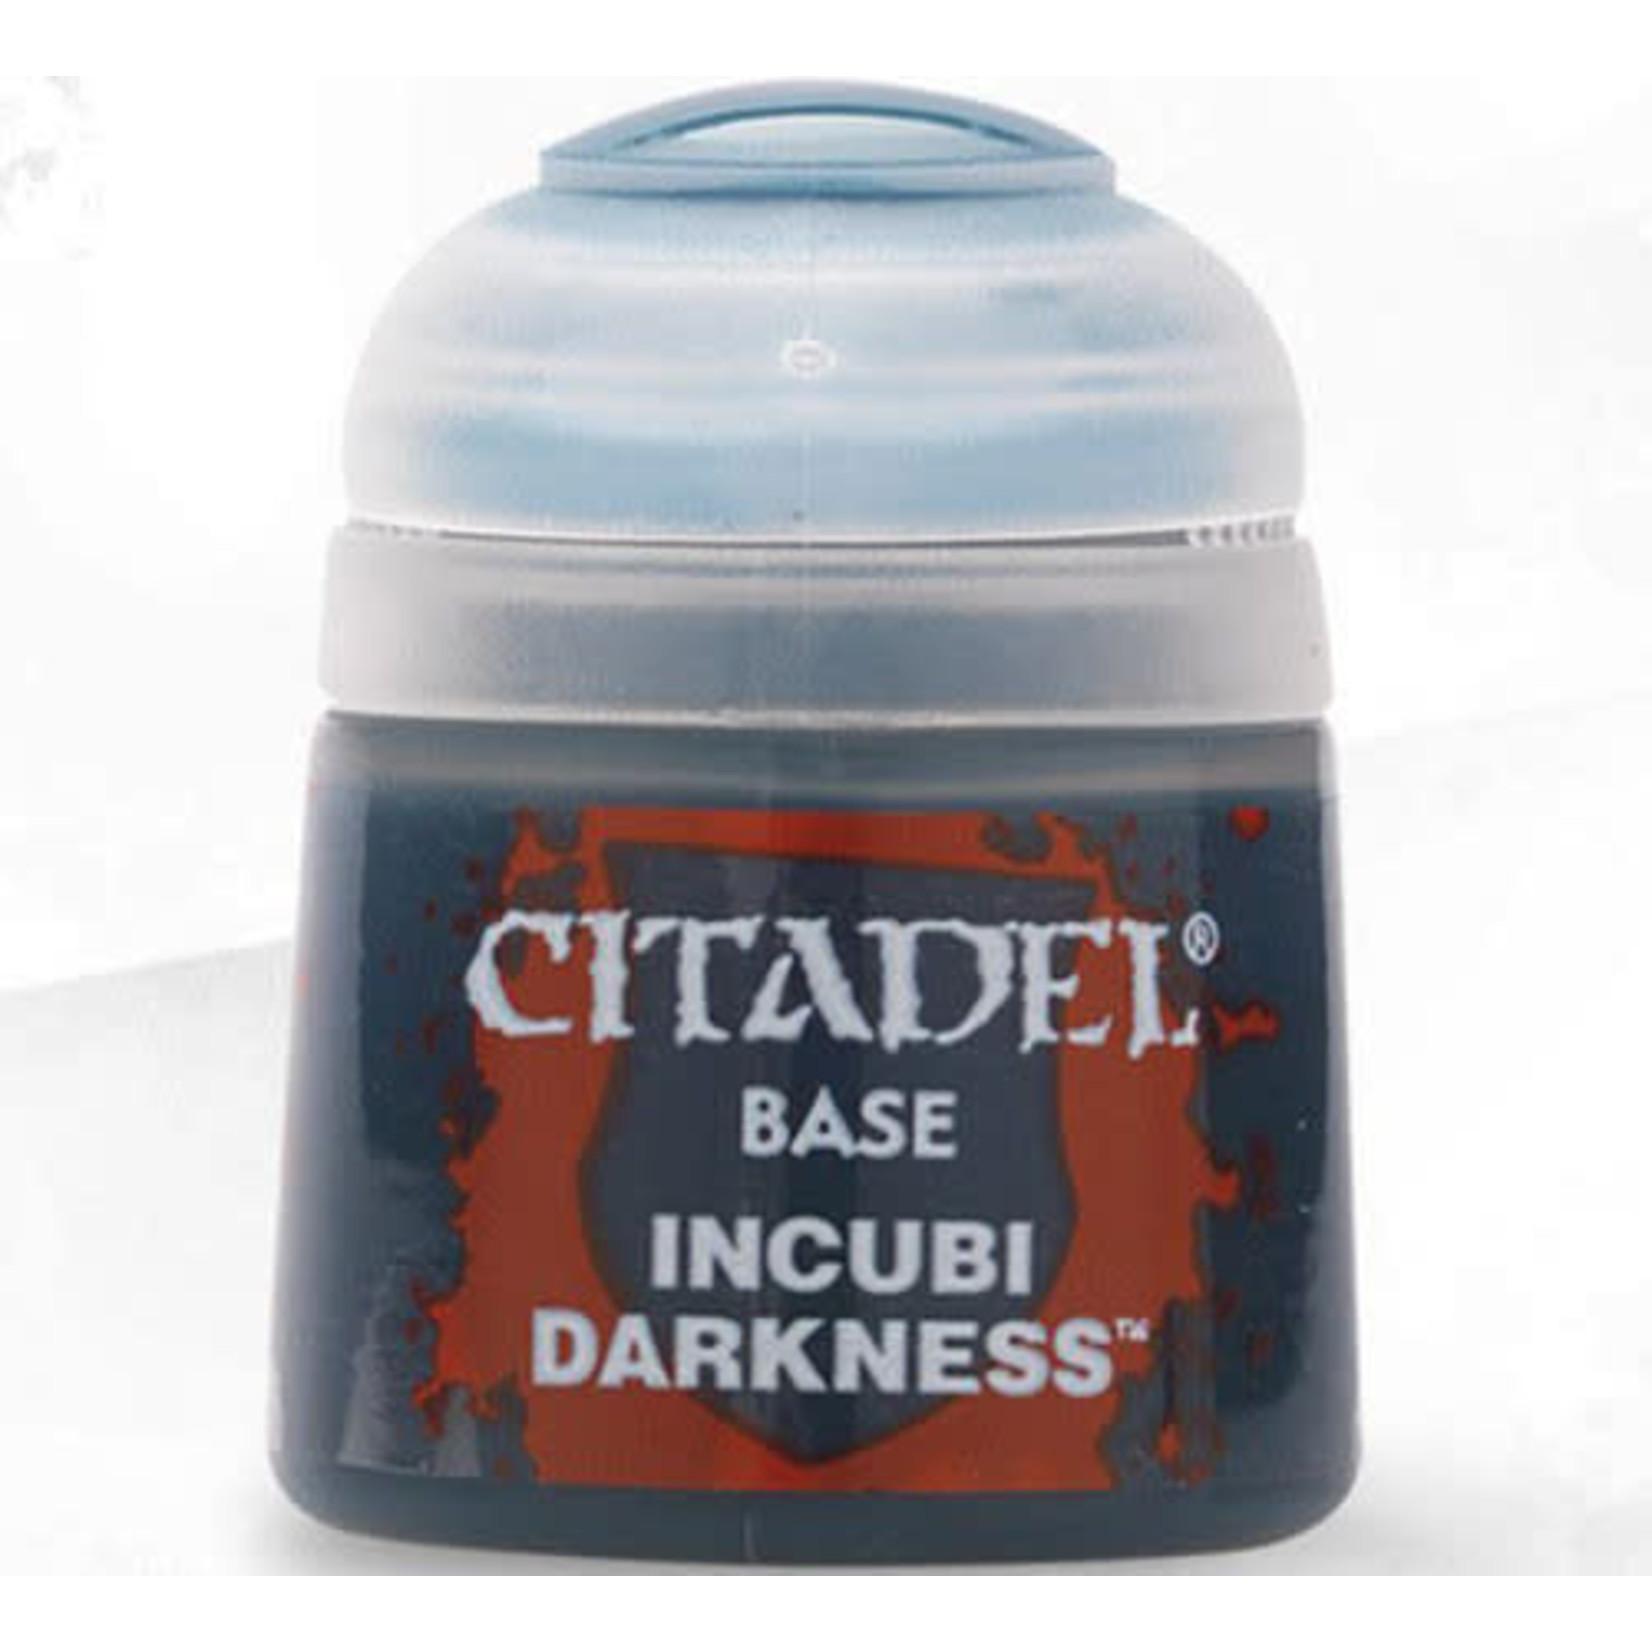 Citadel Citadel Paint - Base: Incubi Darkness